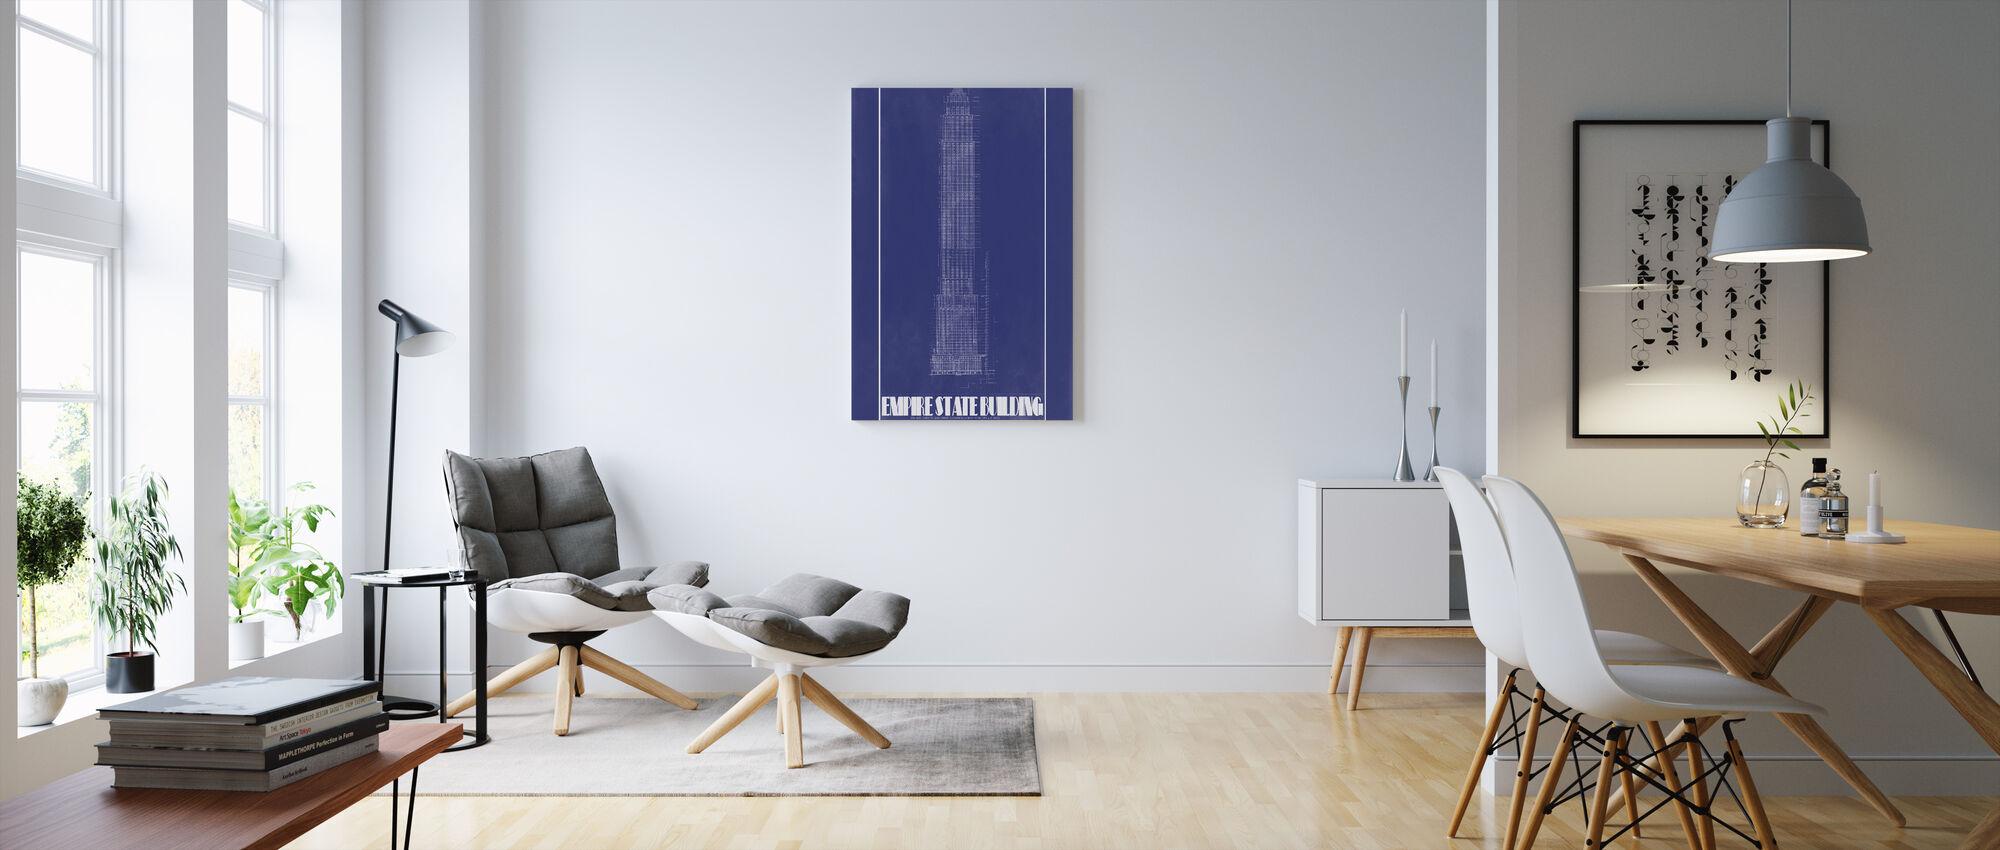 Empire State Building - Sininen Tulosta - Canvastaulu - Olohuone